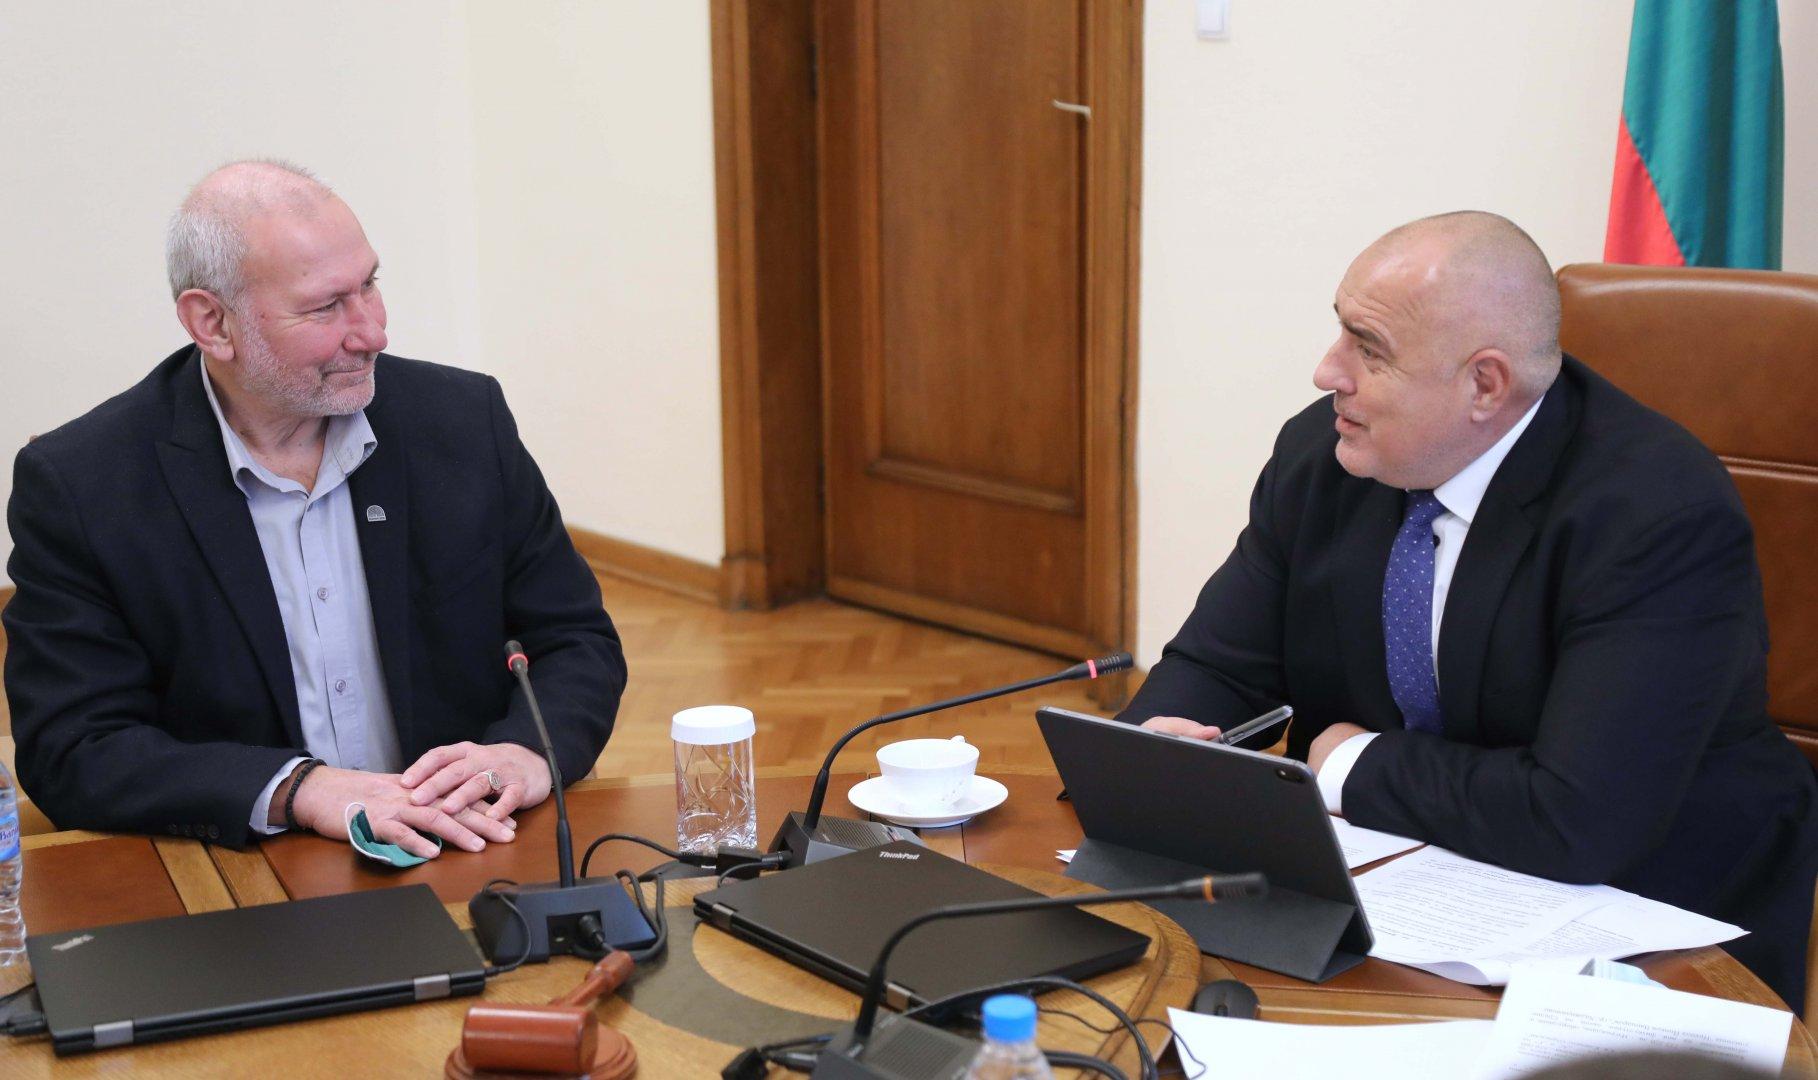 Археологът проф. Николай Овчаров (вляво) благодари на правителството за предоставените средства. Снимка Министерски съвет